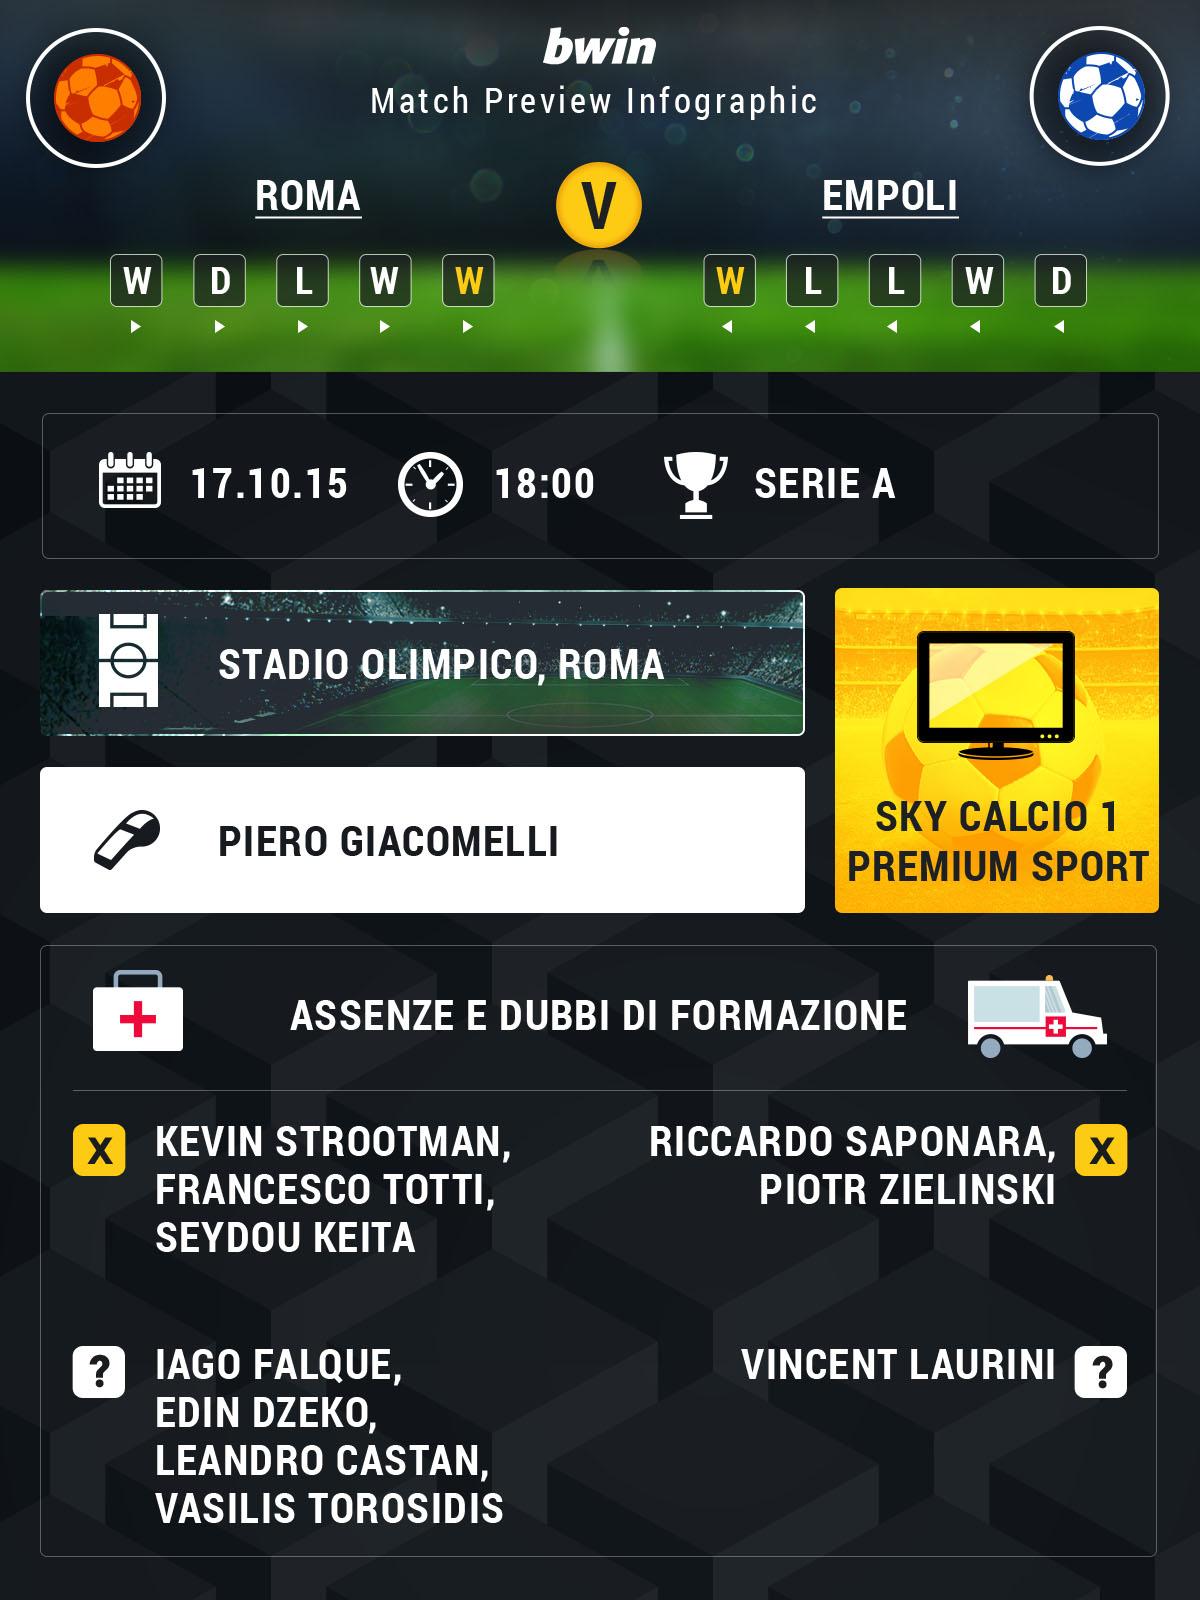 Roma-Empoli preview